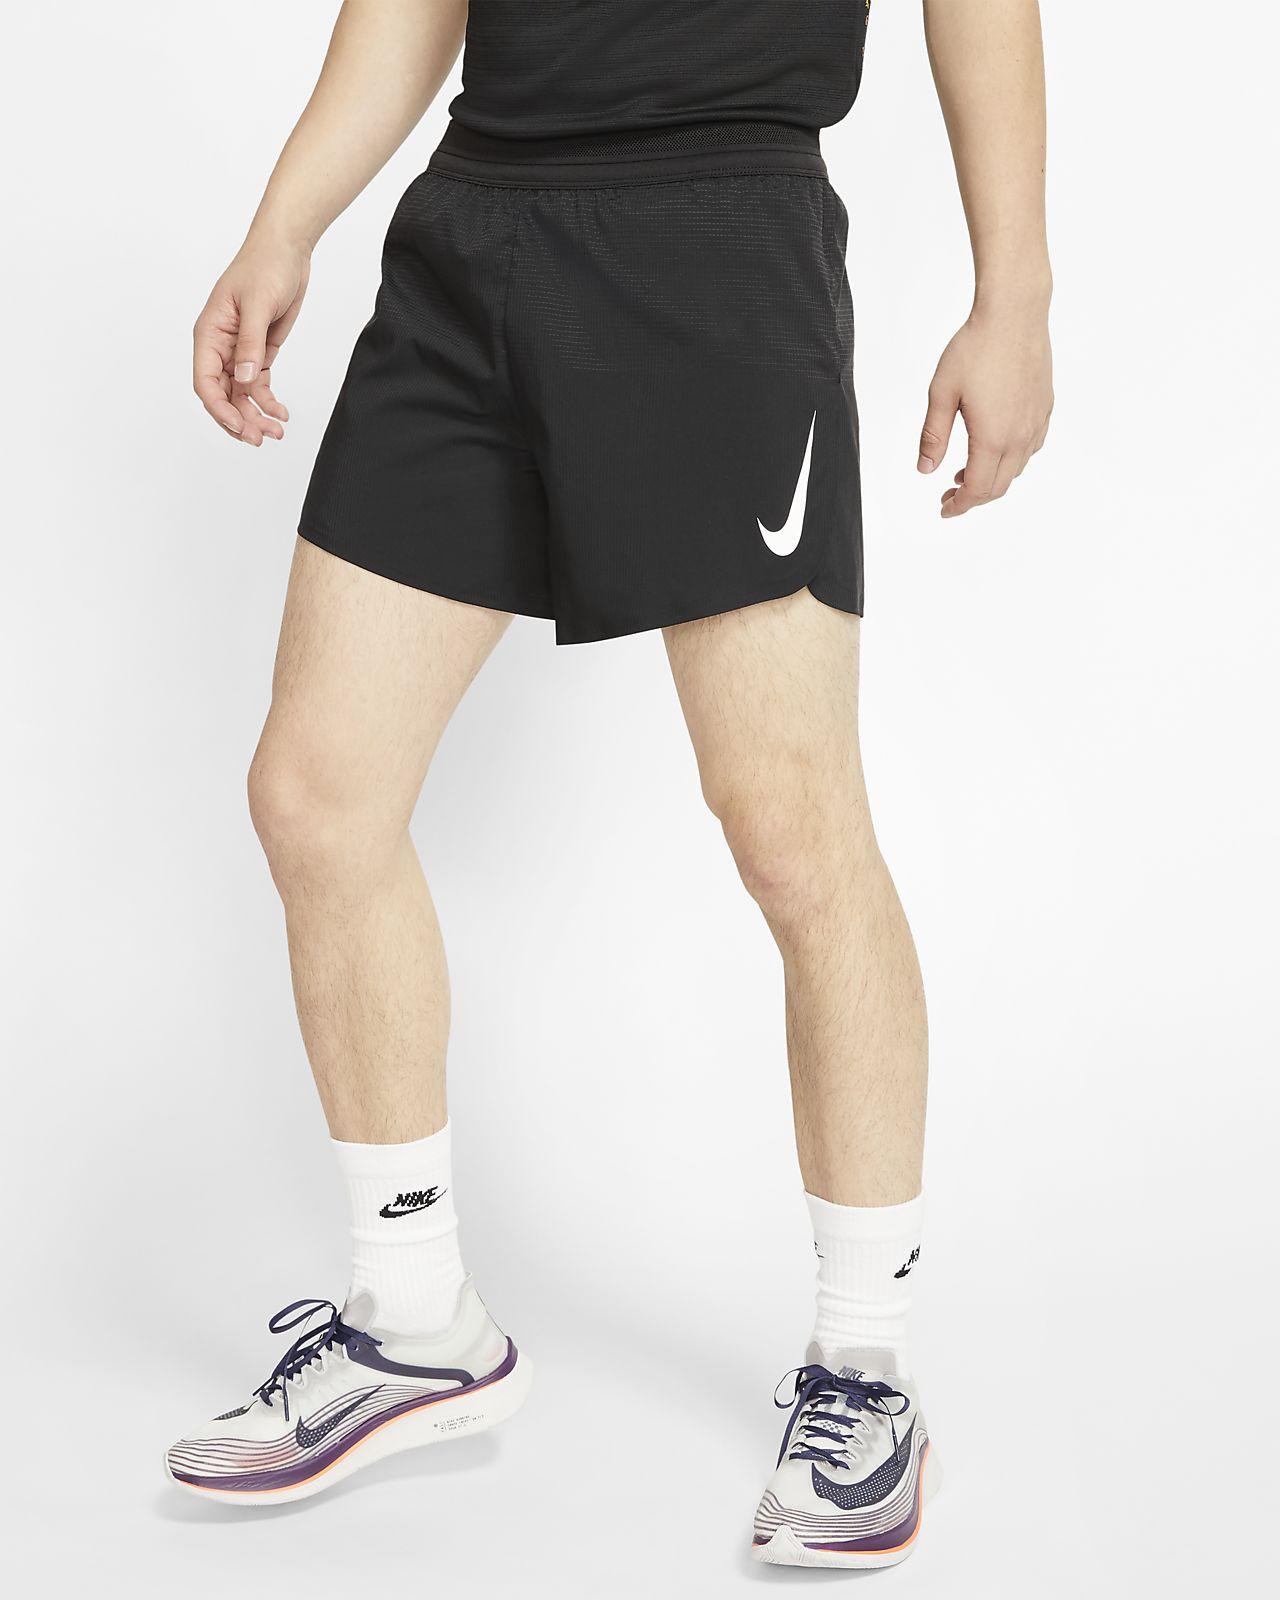 nike aeroswift shorts mens